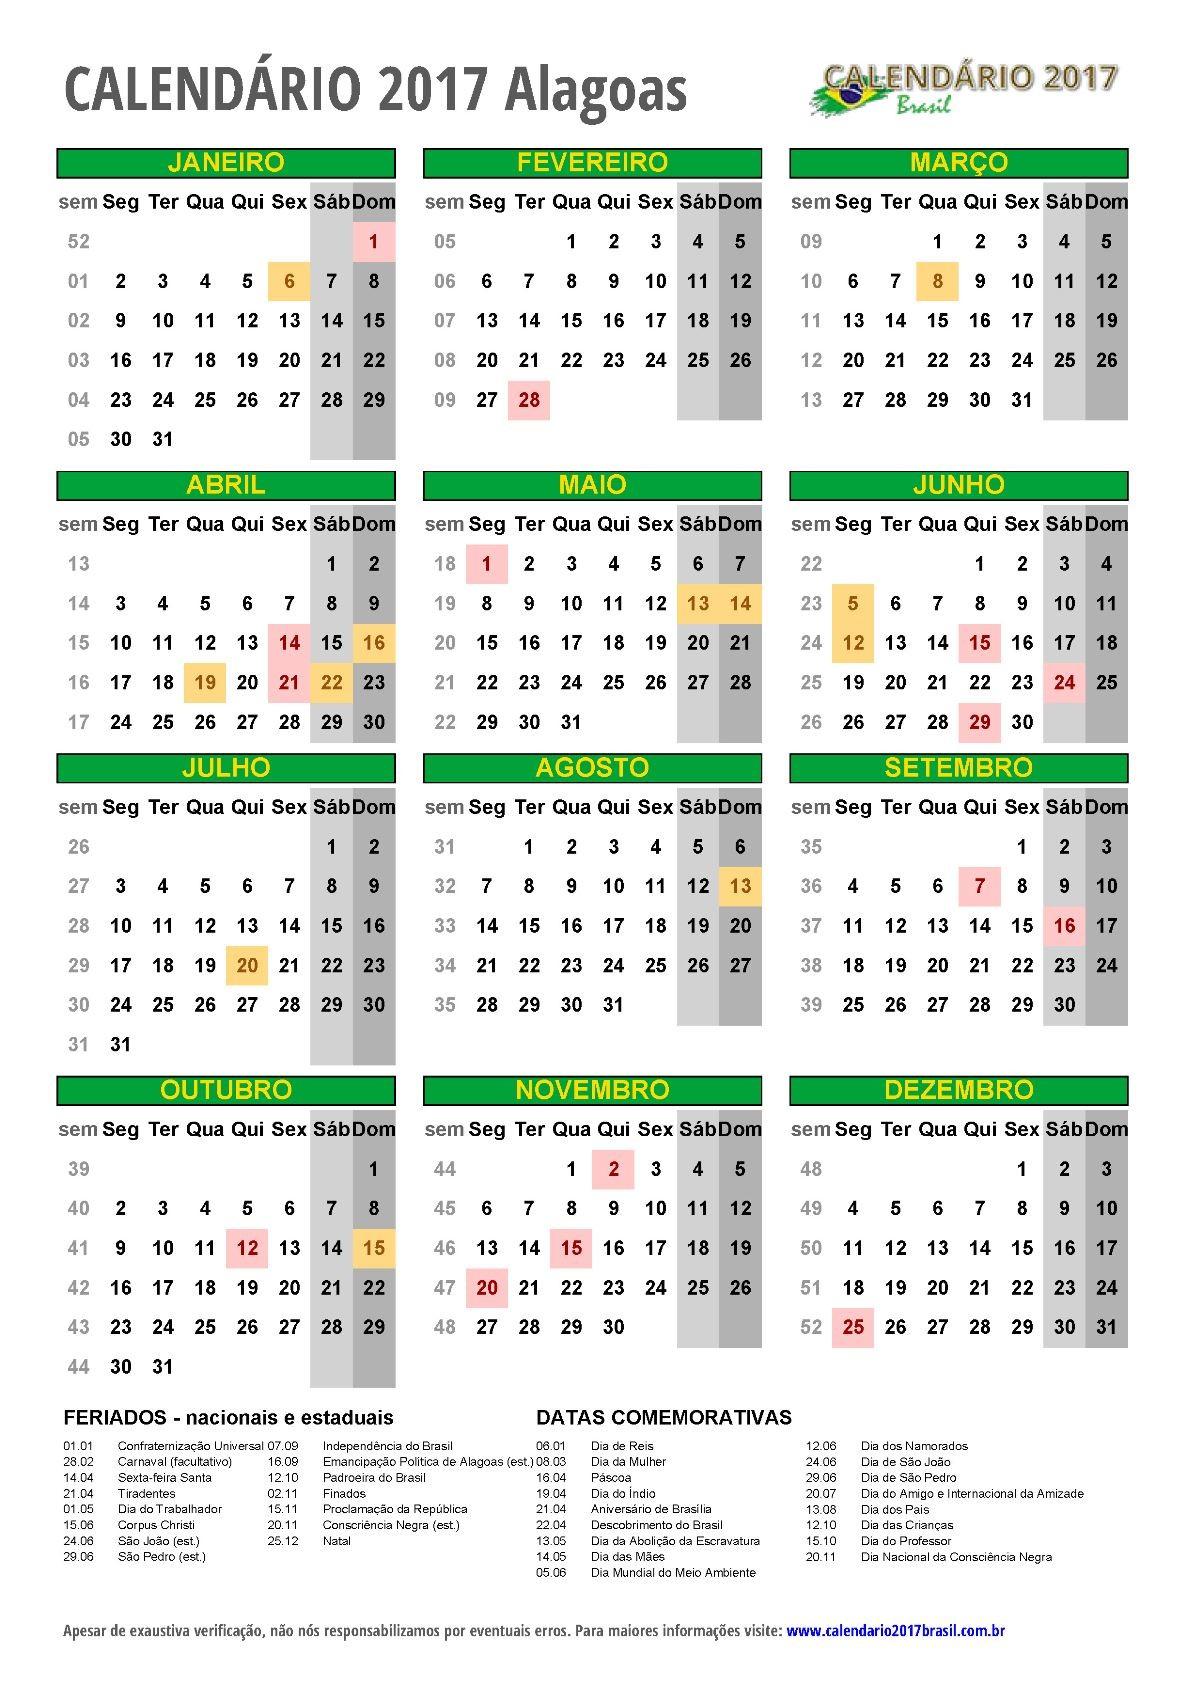 Calendario Dezembro 2017 Para Imprimir Word Más Populares Calendrio 2017 Para Imprimir Feriados Of Calendario Dezembro 2017 Para Imprimir Word Más Actual Calendario 2017 Feriados Bahia Calendrier